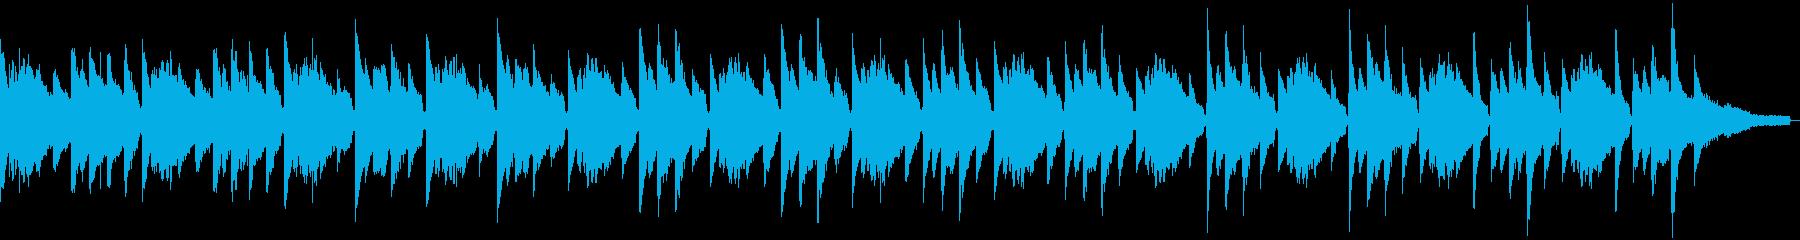 サスペンス風のソロピアノの再生済みの波形